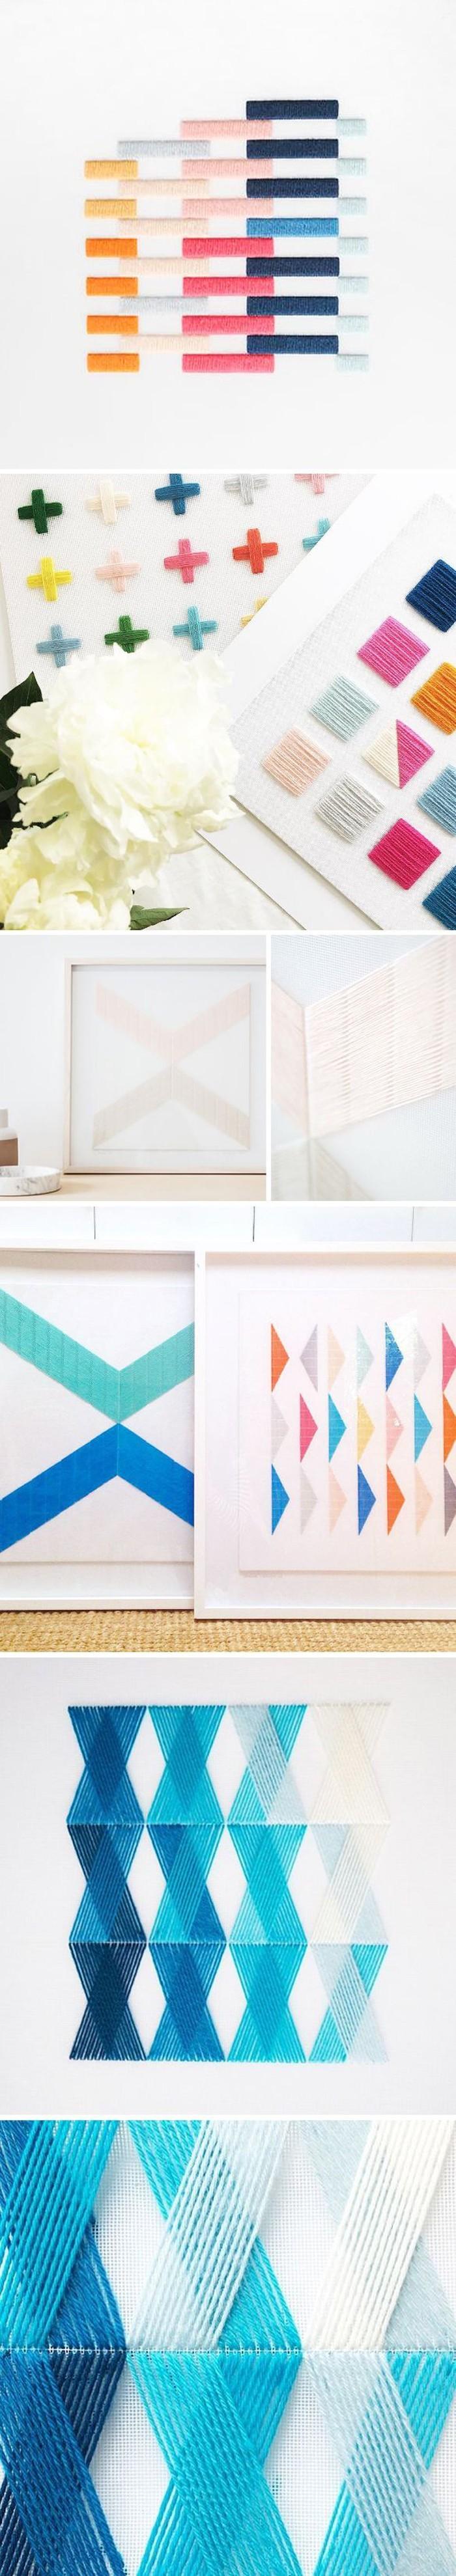 gobelin stickbilder kreative ideen deko ideen diy ideen anders denken aus alt macht neu farbmuster